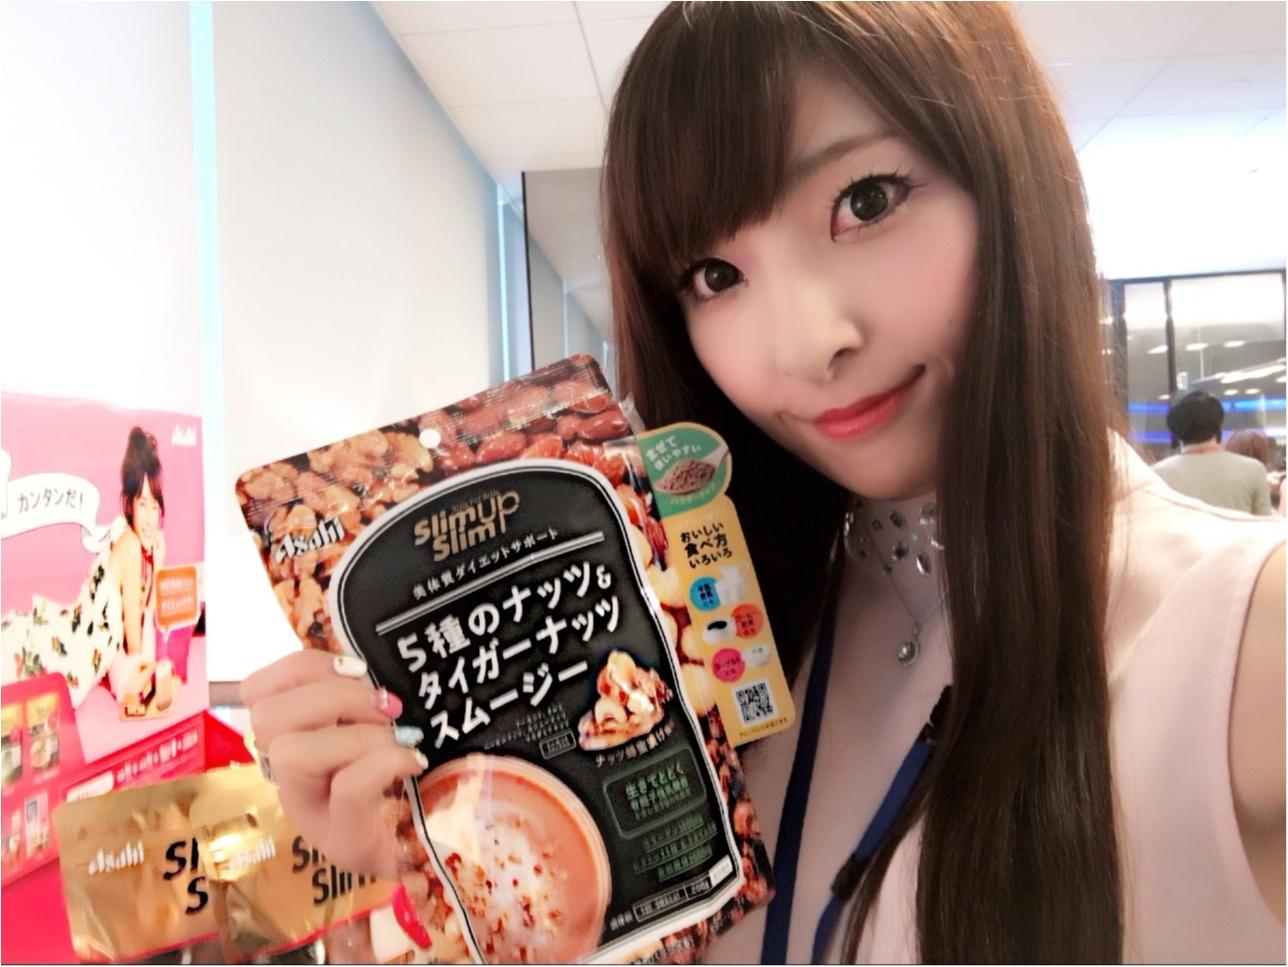 ♡ダイエットのおすすめサポート食品【イマドキのダイエットは目的が変わってきた?!】♡モアハピ◡̈のぞみ♡_5